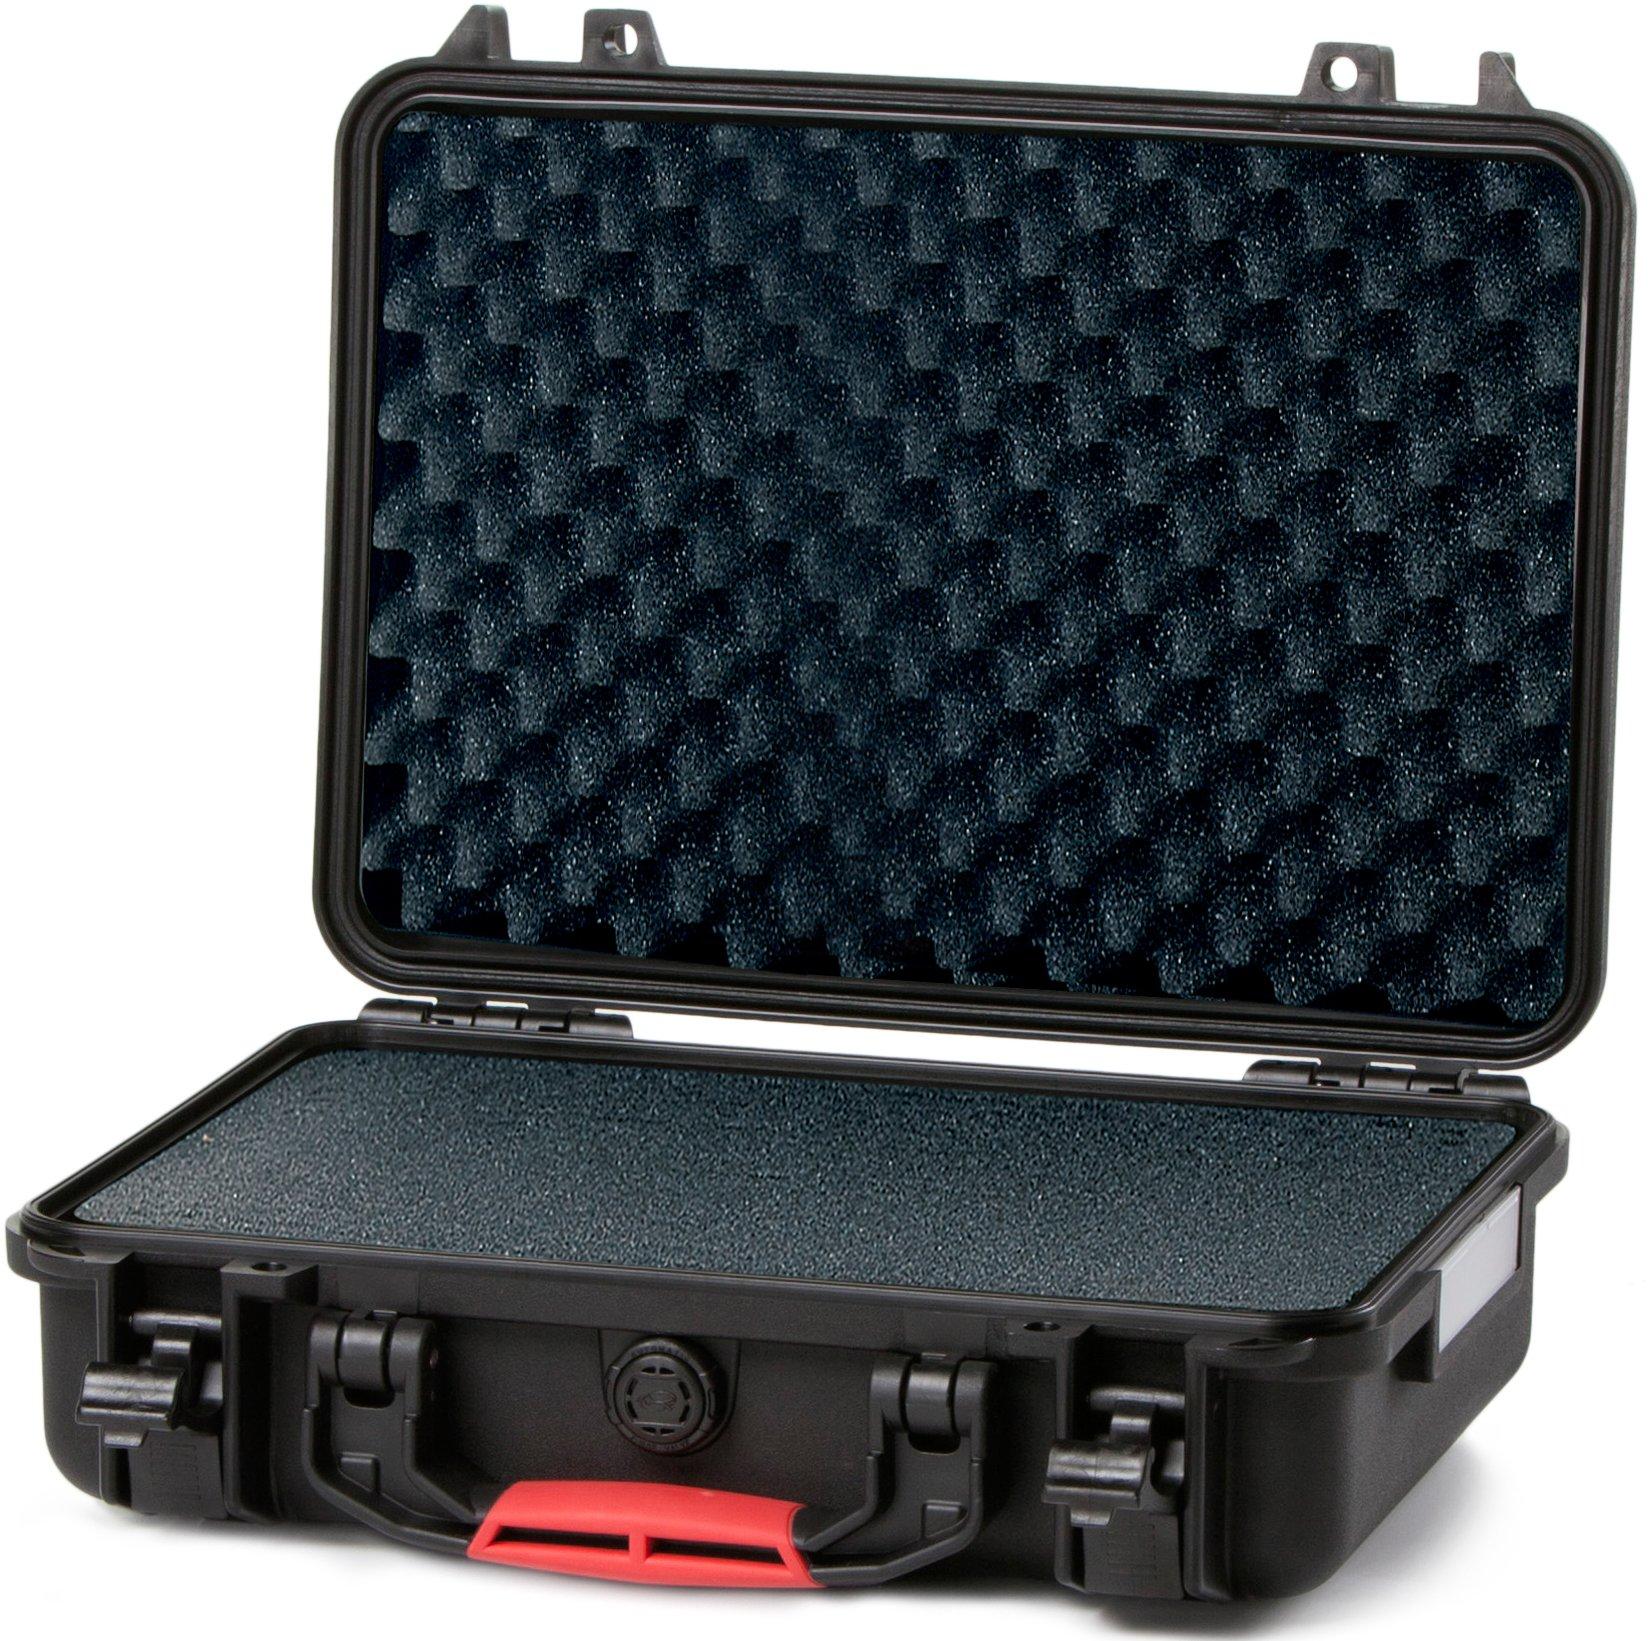 HPRC 2350 Case